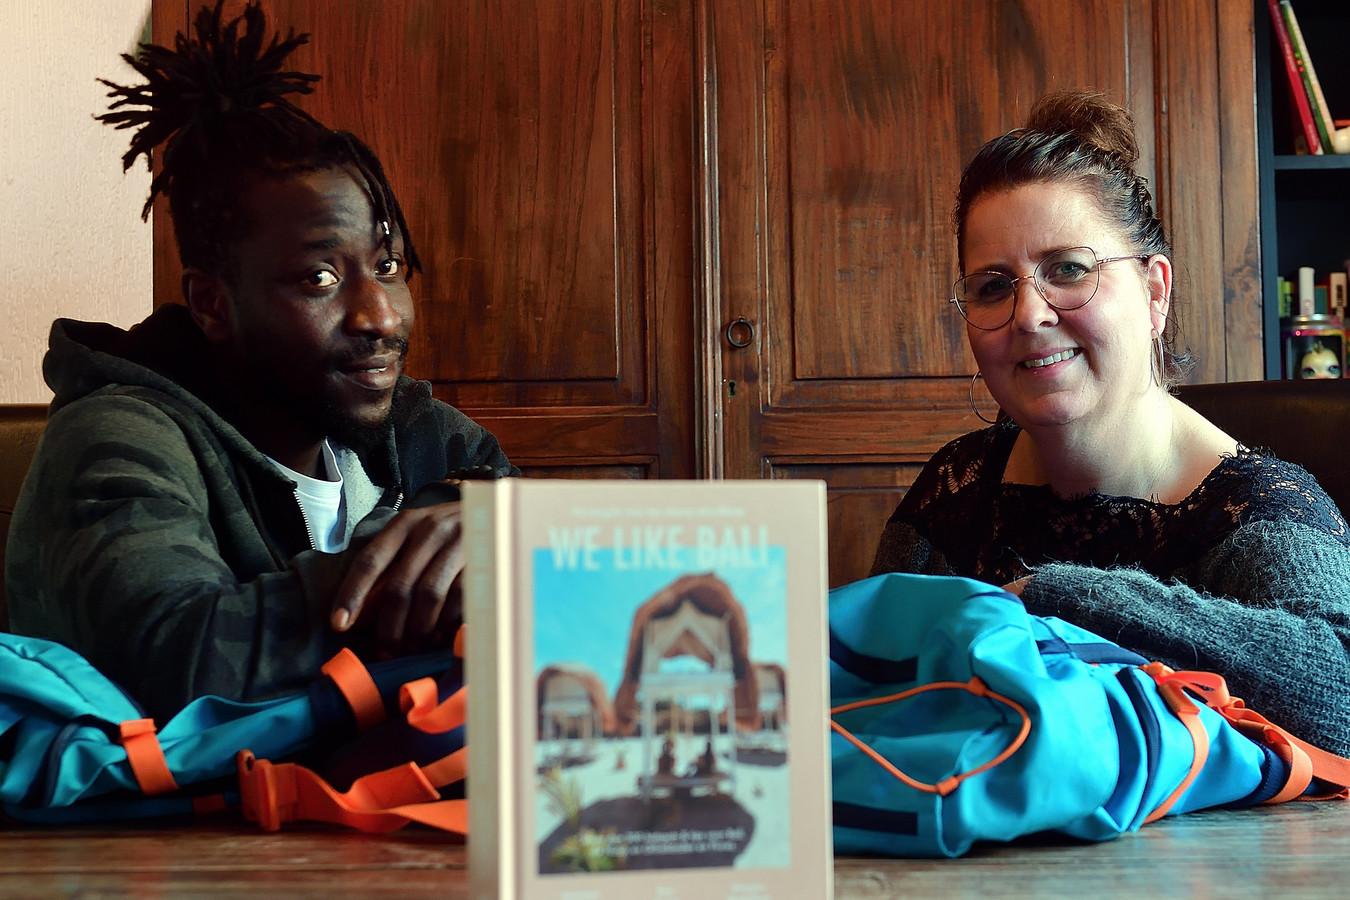 De vakantie van Jolanda Snepvangers en partner Seedy naar Bali gaat niet door.